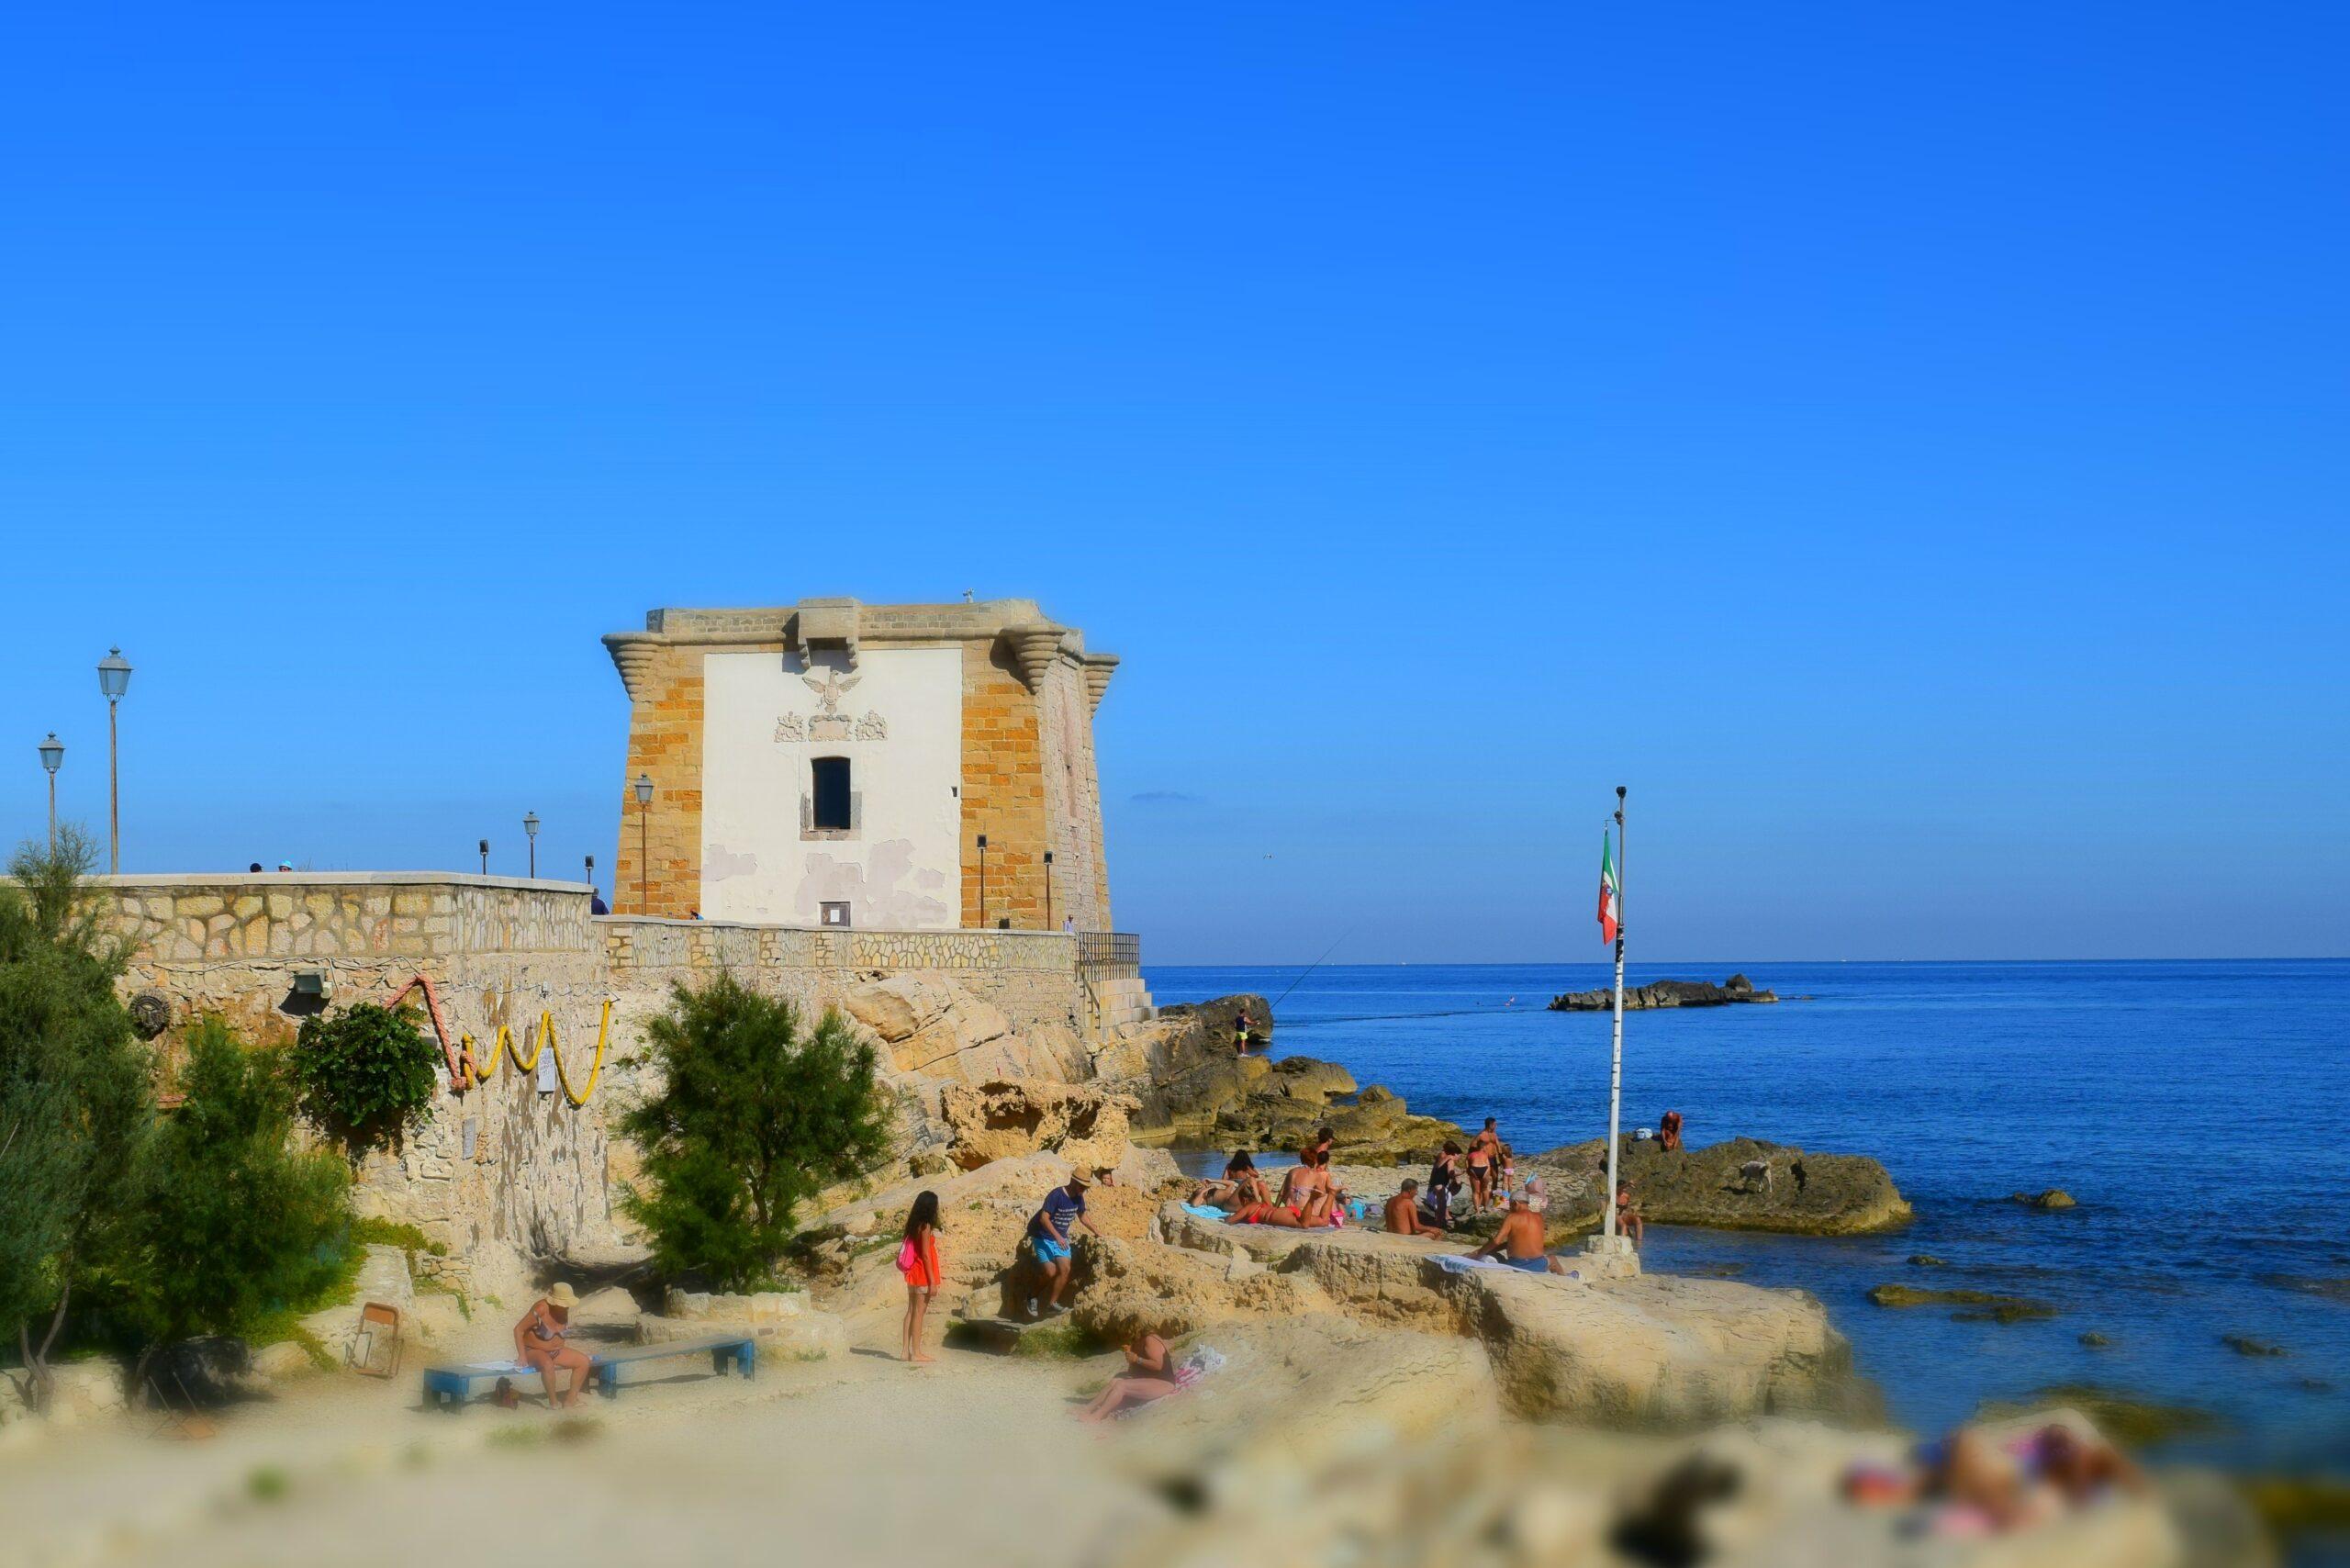 spiaggia-san-liberale-trapani-torre-di-ligny